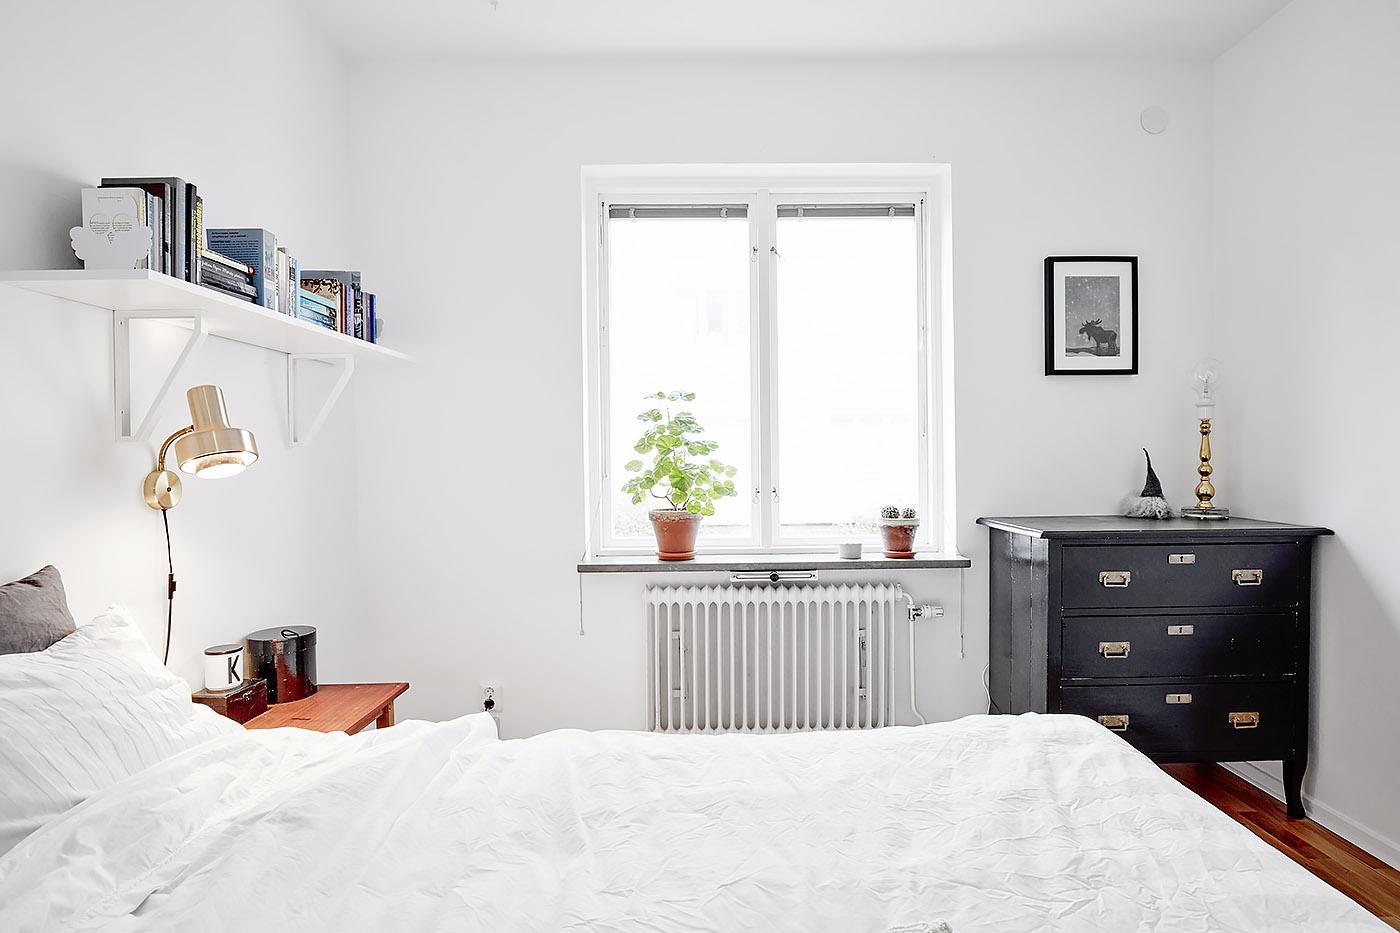 Habitaciones juveniles de estilo n rdico blog decoraci n for Habitacion infantil estilo nordico